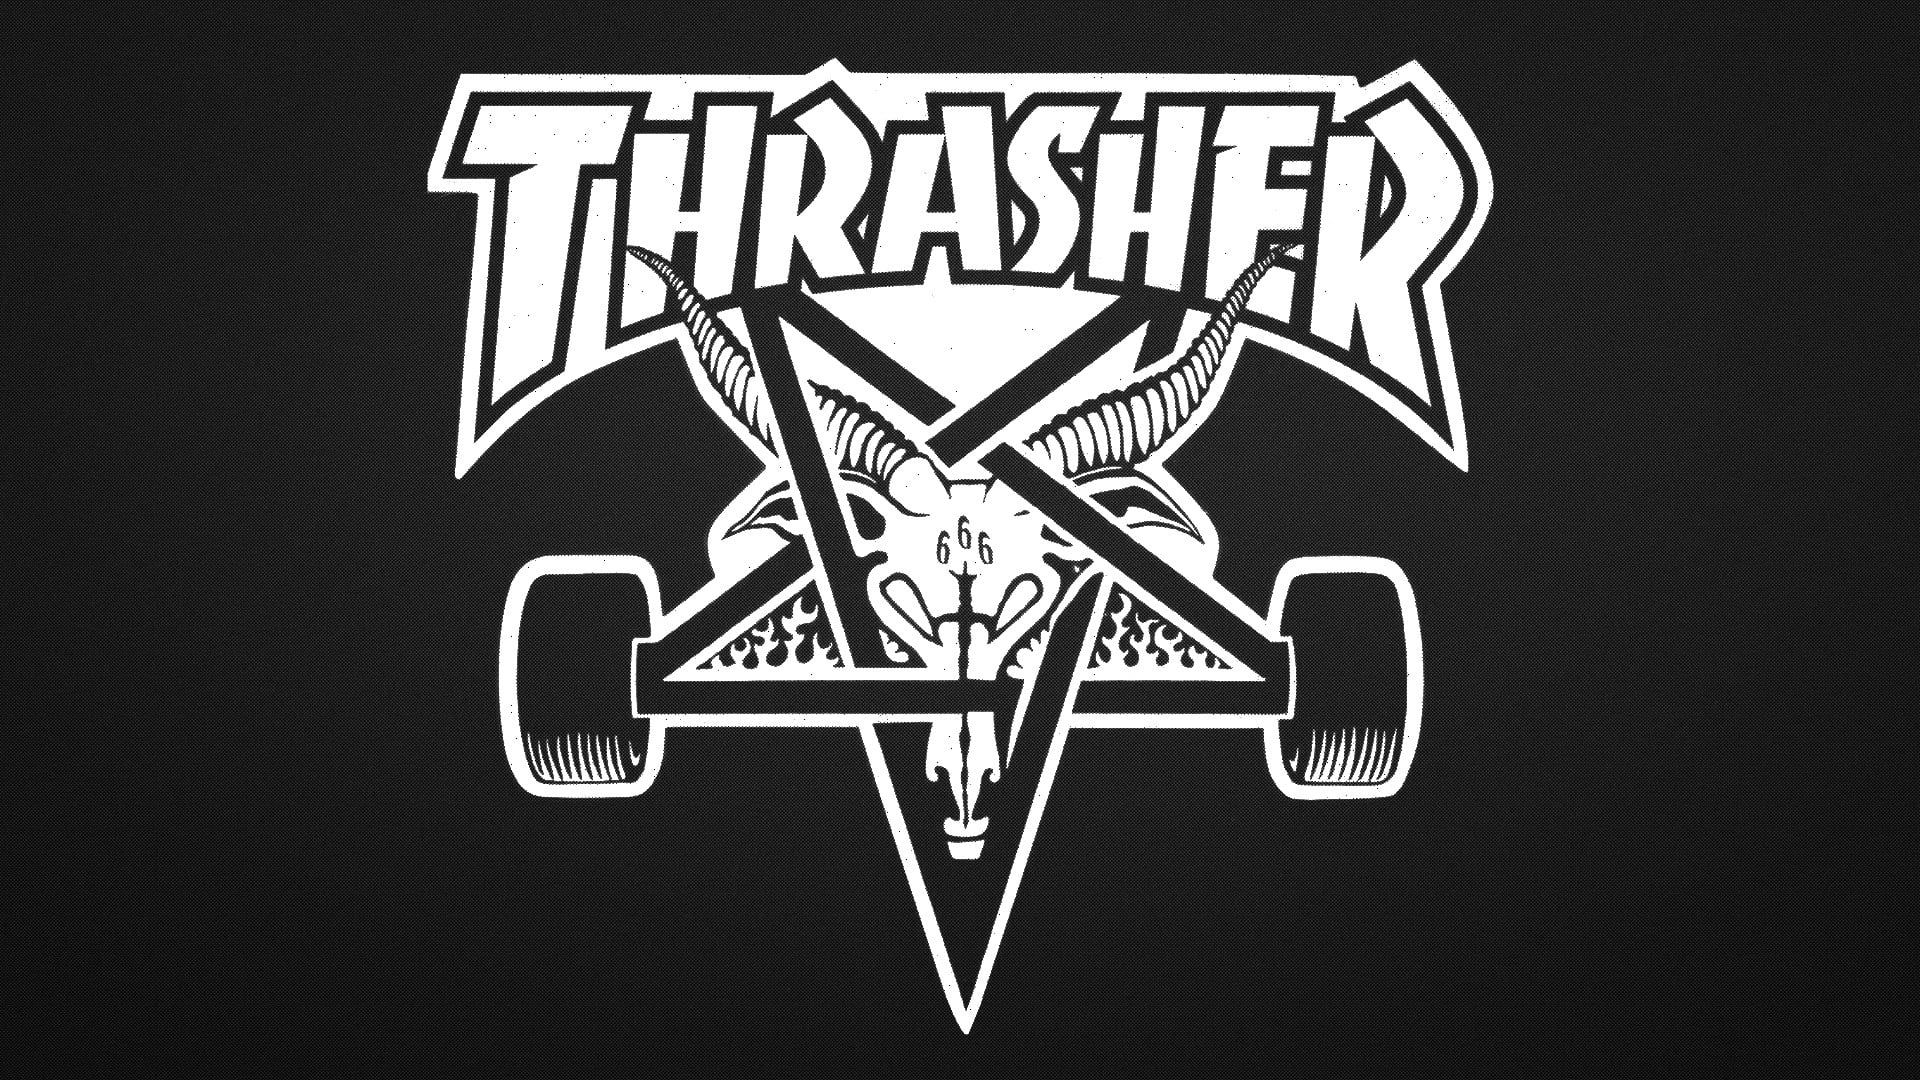 Thrasher Logo Skateboarding Thrasher Pentagram Baphometh Skating 1080p Wallpaper Hdwallpaper Desktop Skateboard Logo Thrasher Skate Art